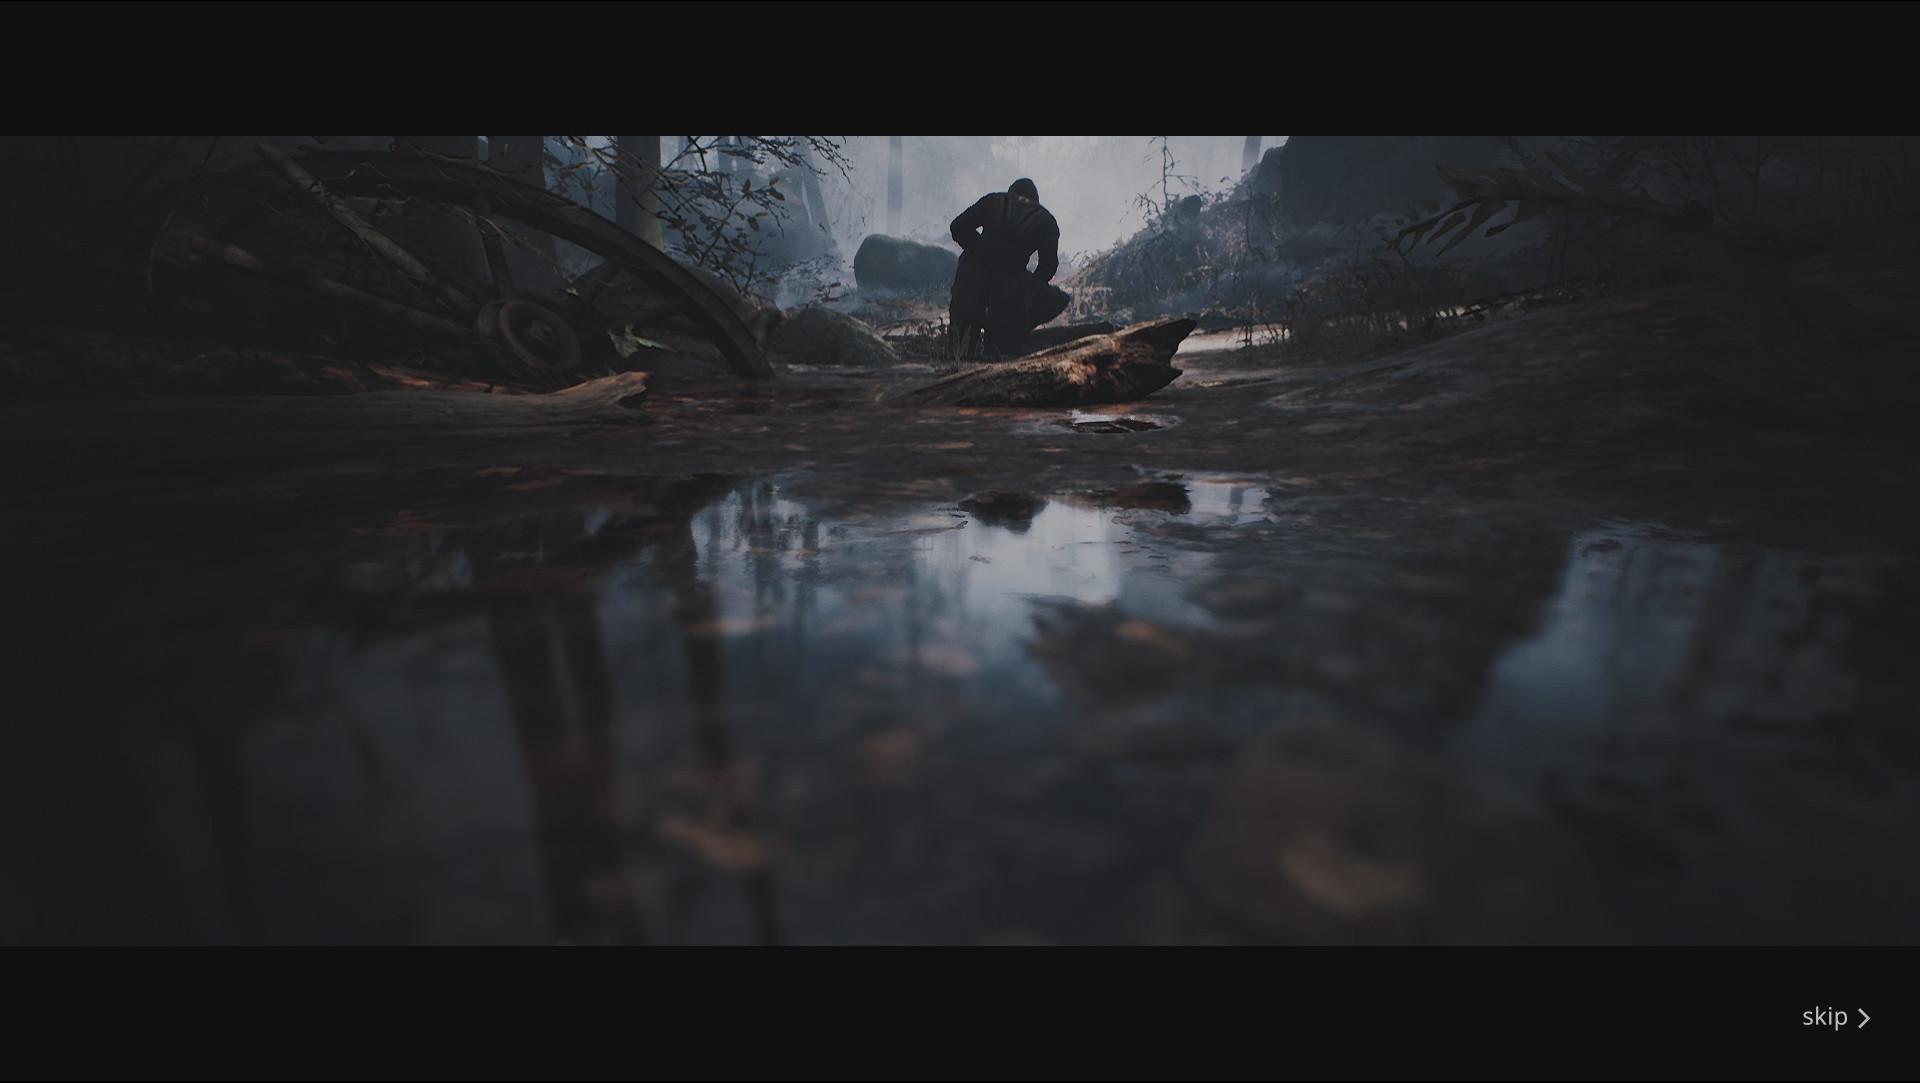 Bao vu trailer shot 1